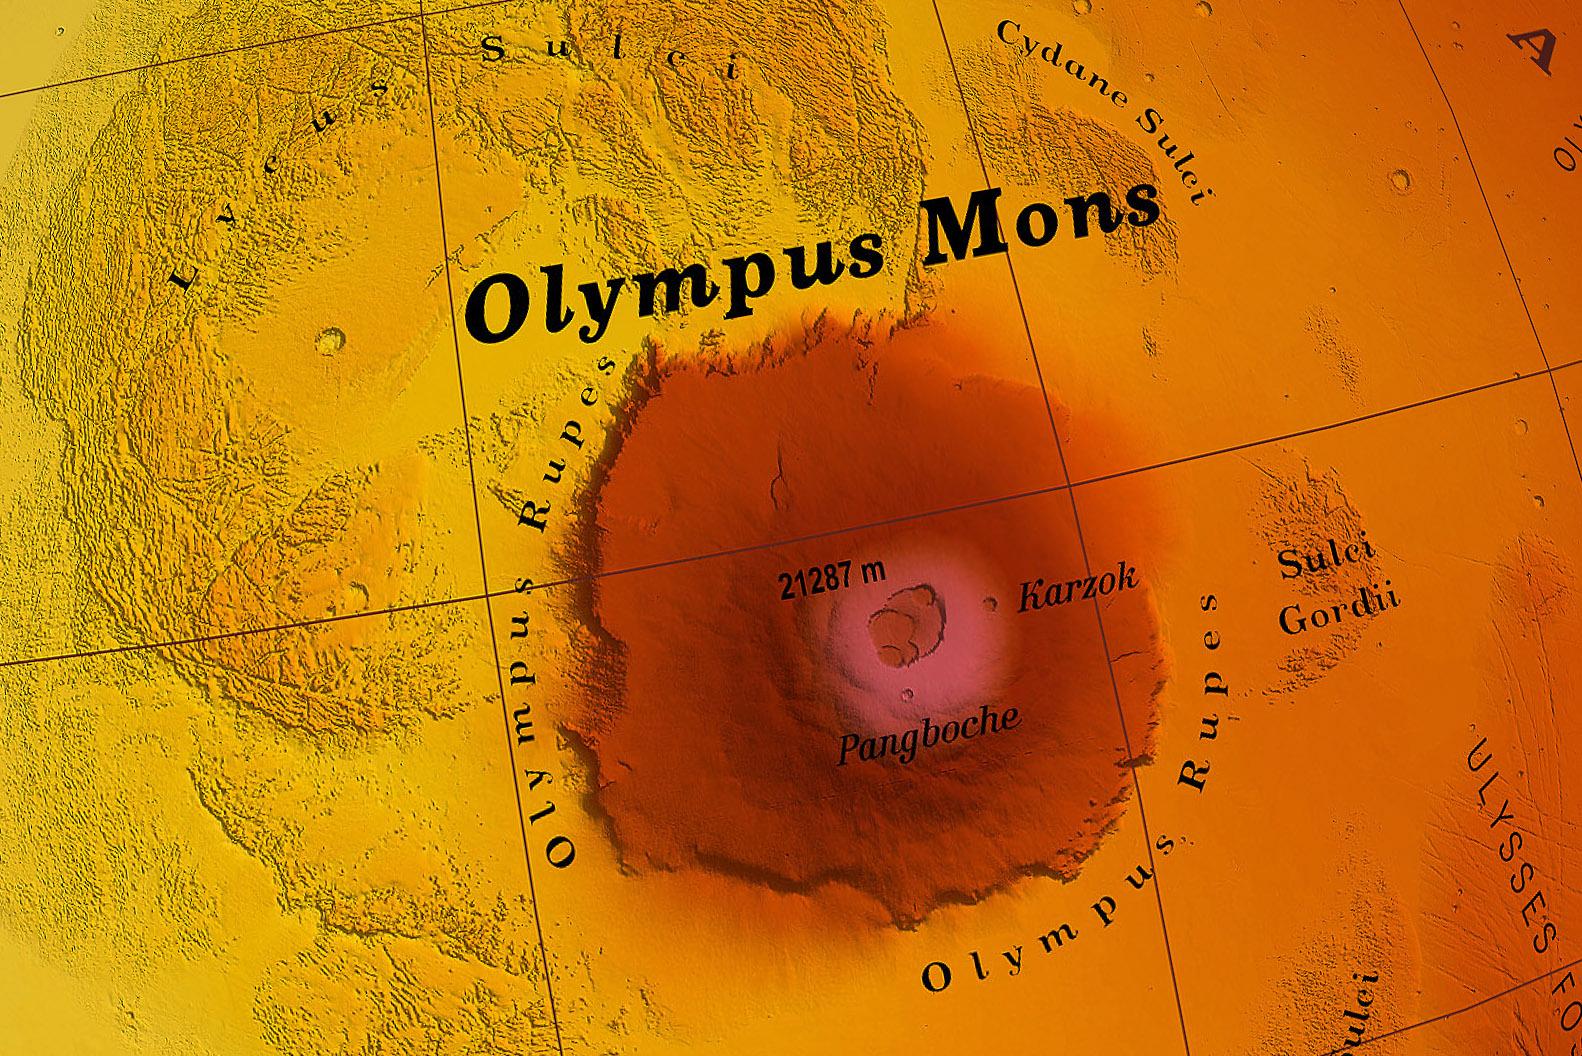 Výsledek obrázku pro olympus mons